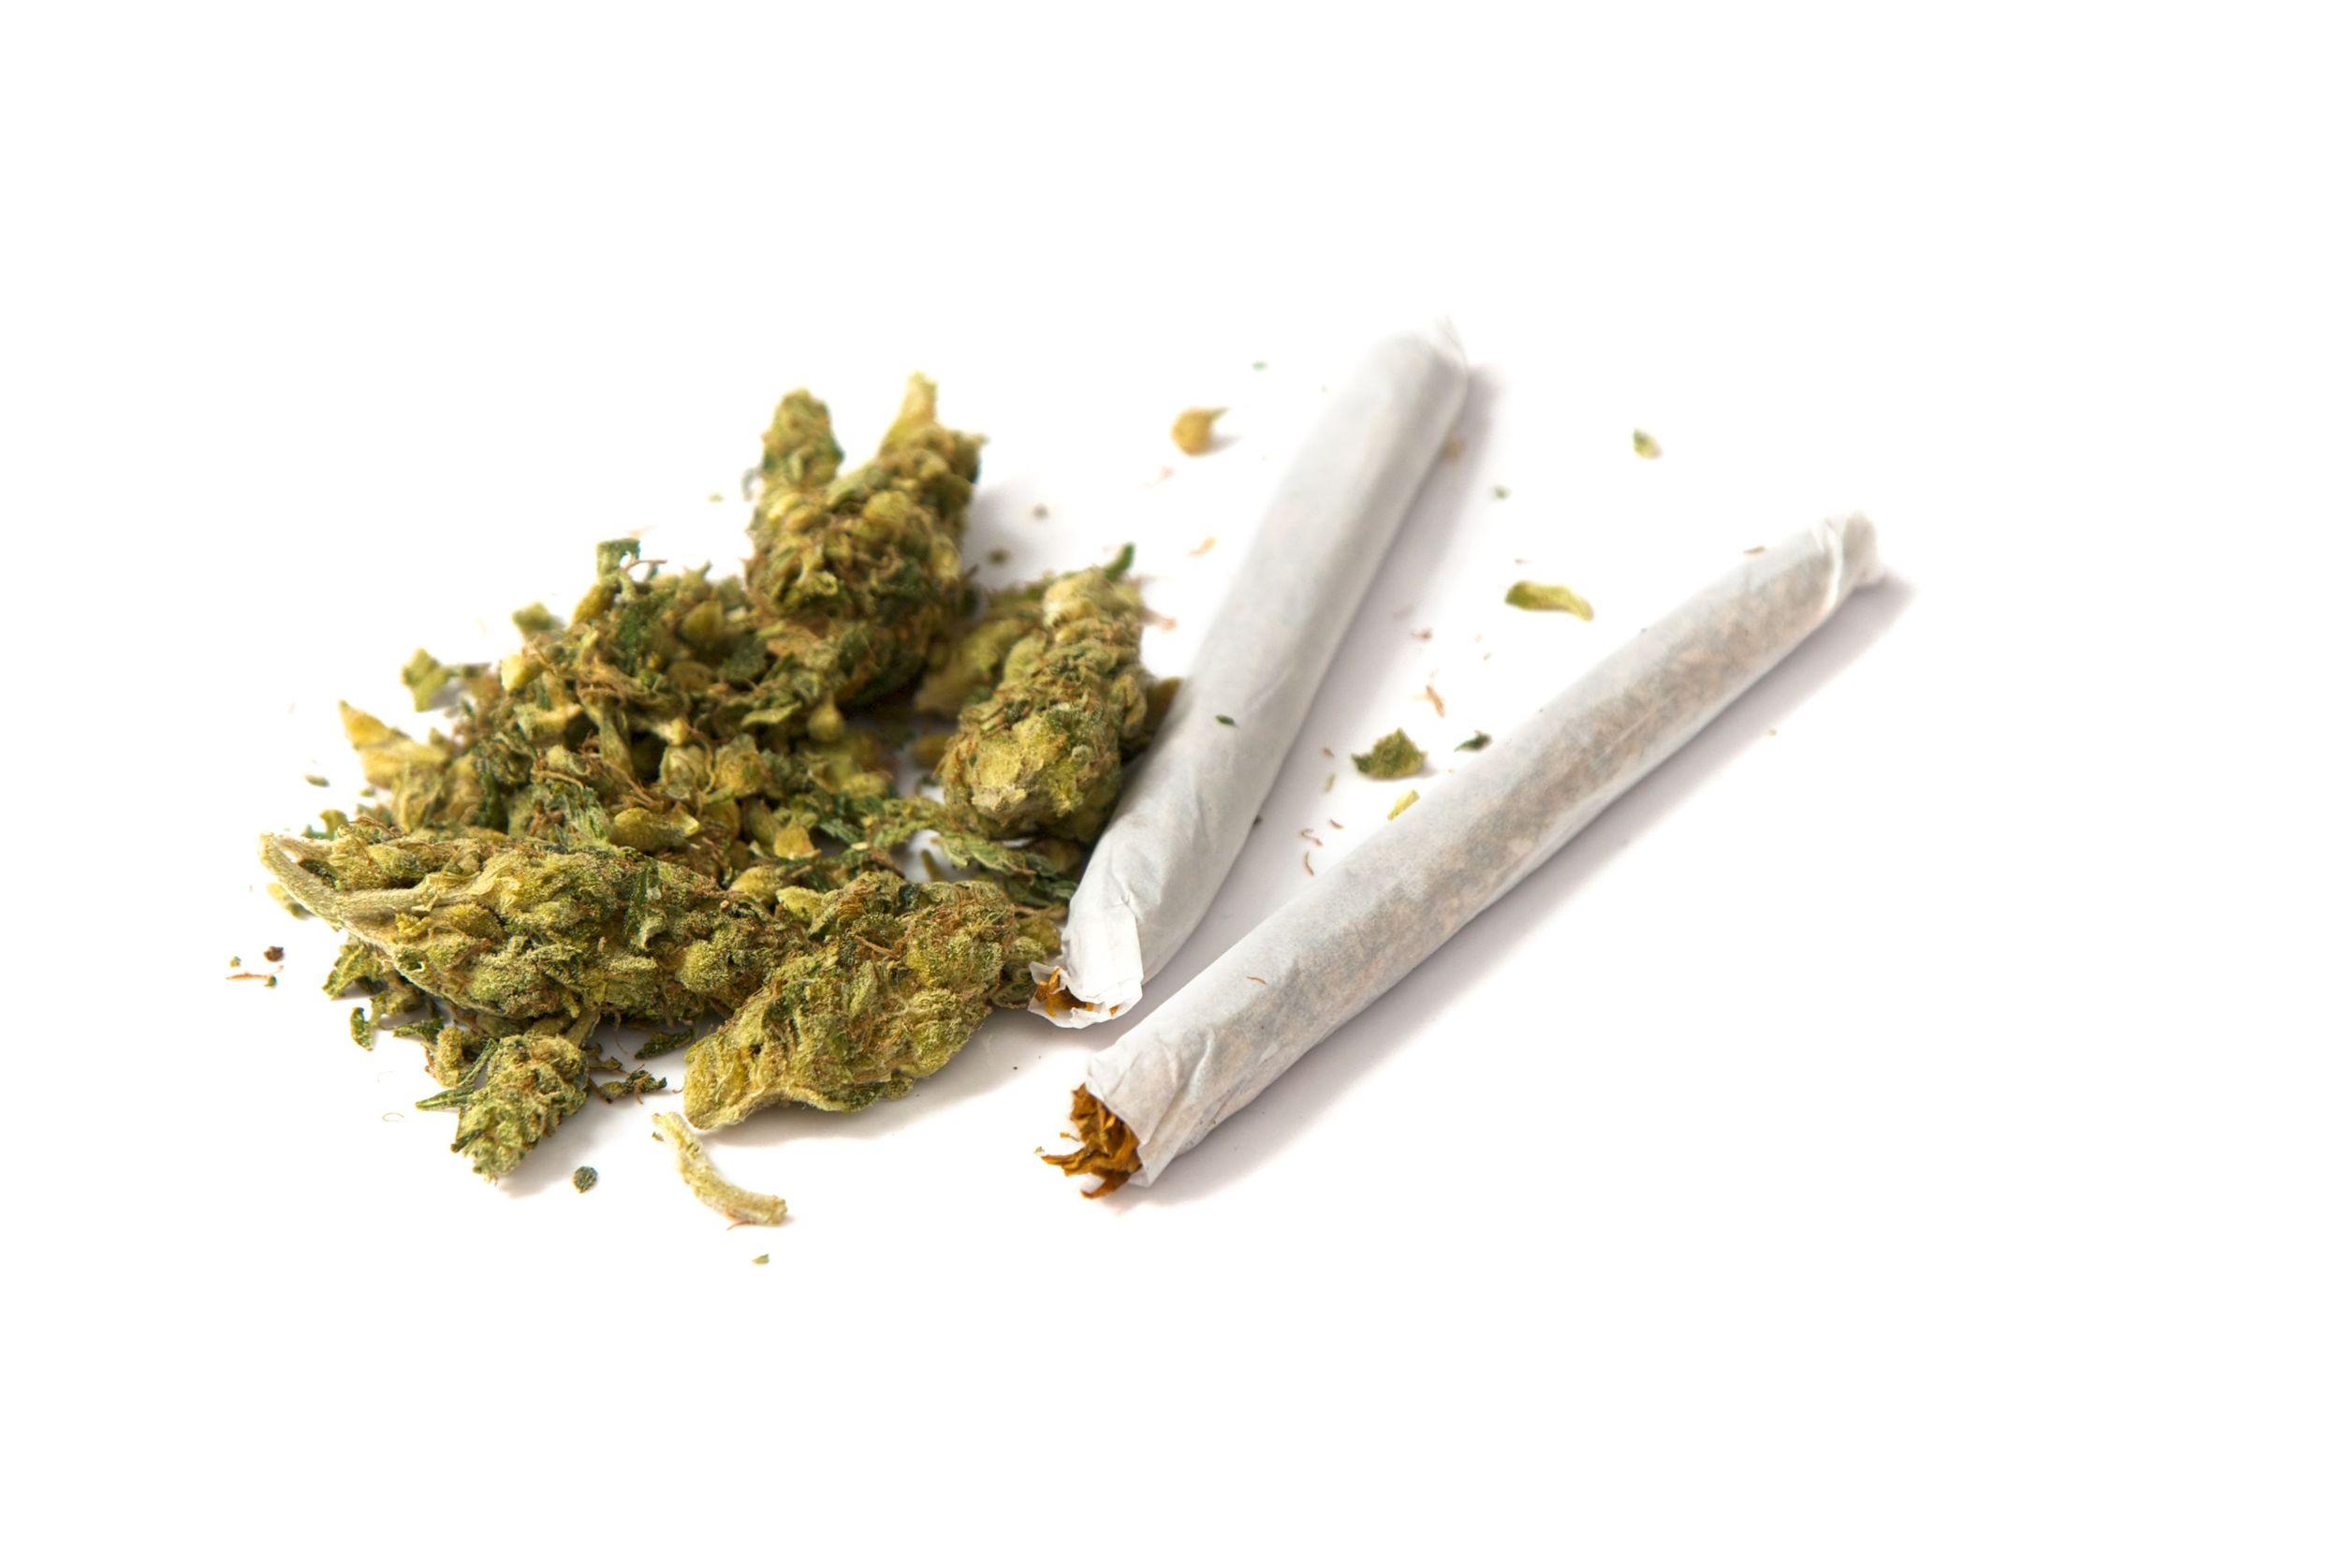 Trovato con la marijuana in un controllo su strada a Siracusa: denunciato